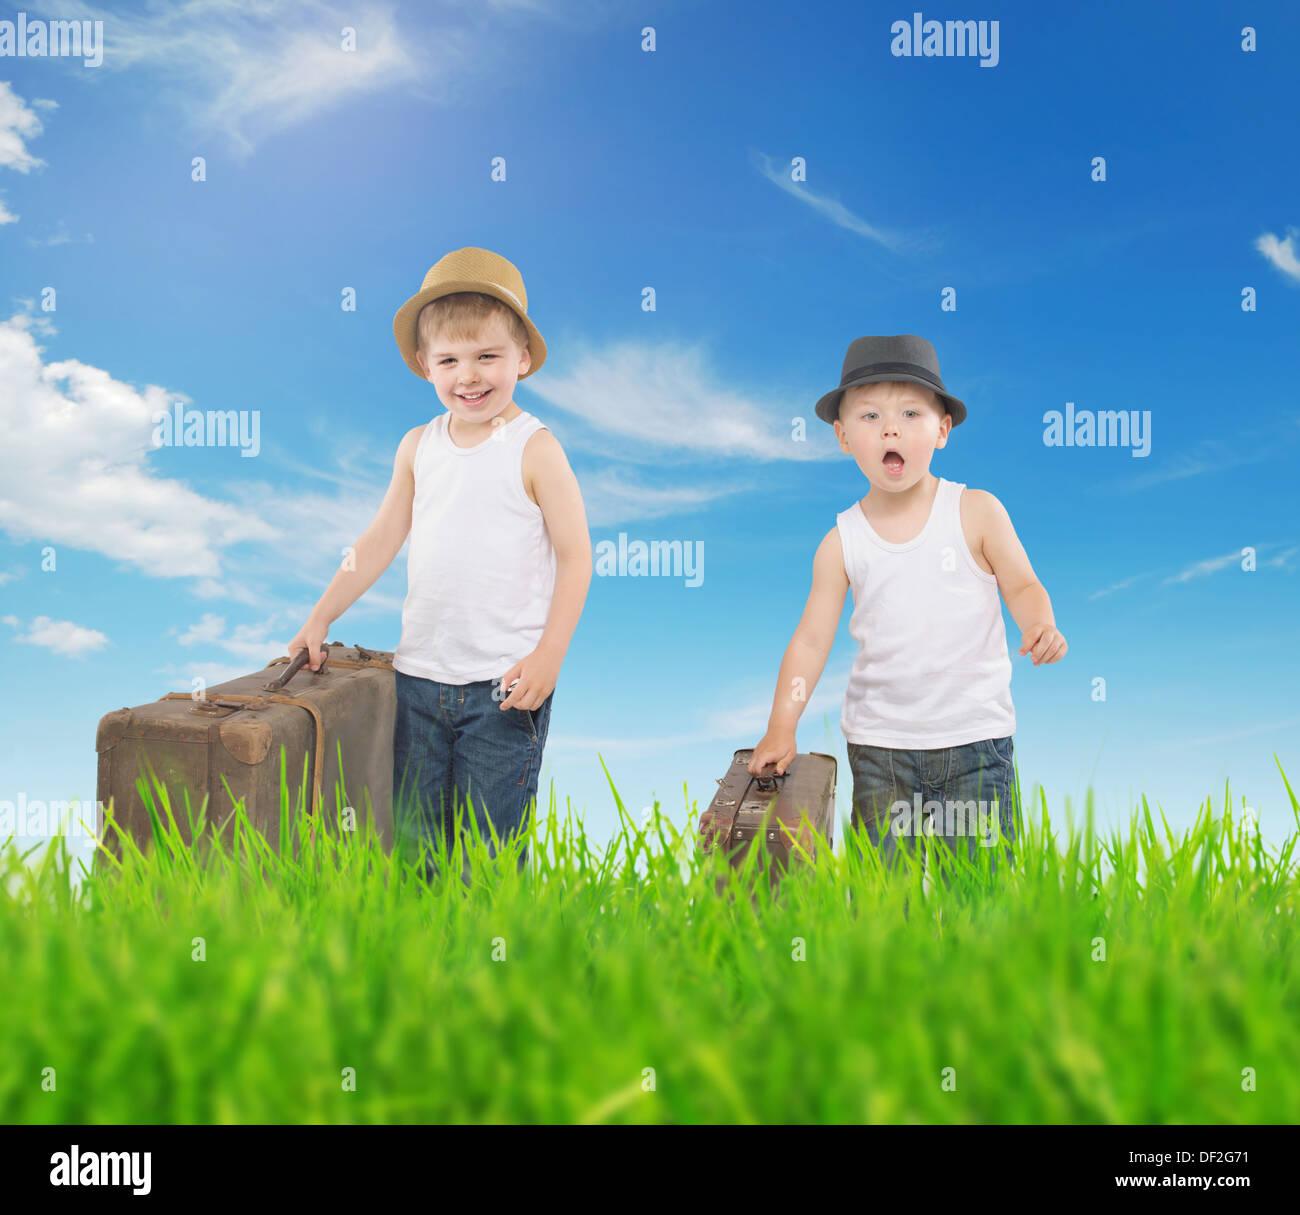 Imagen de fantasía de dos hermanos corriendo con el equipaje Imagen De Stock